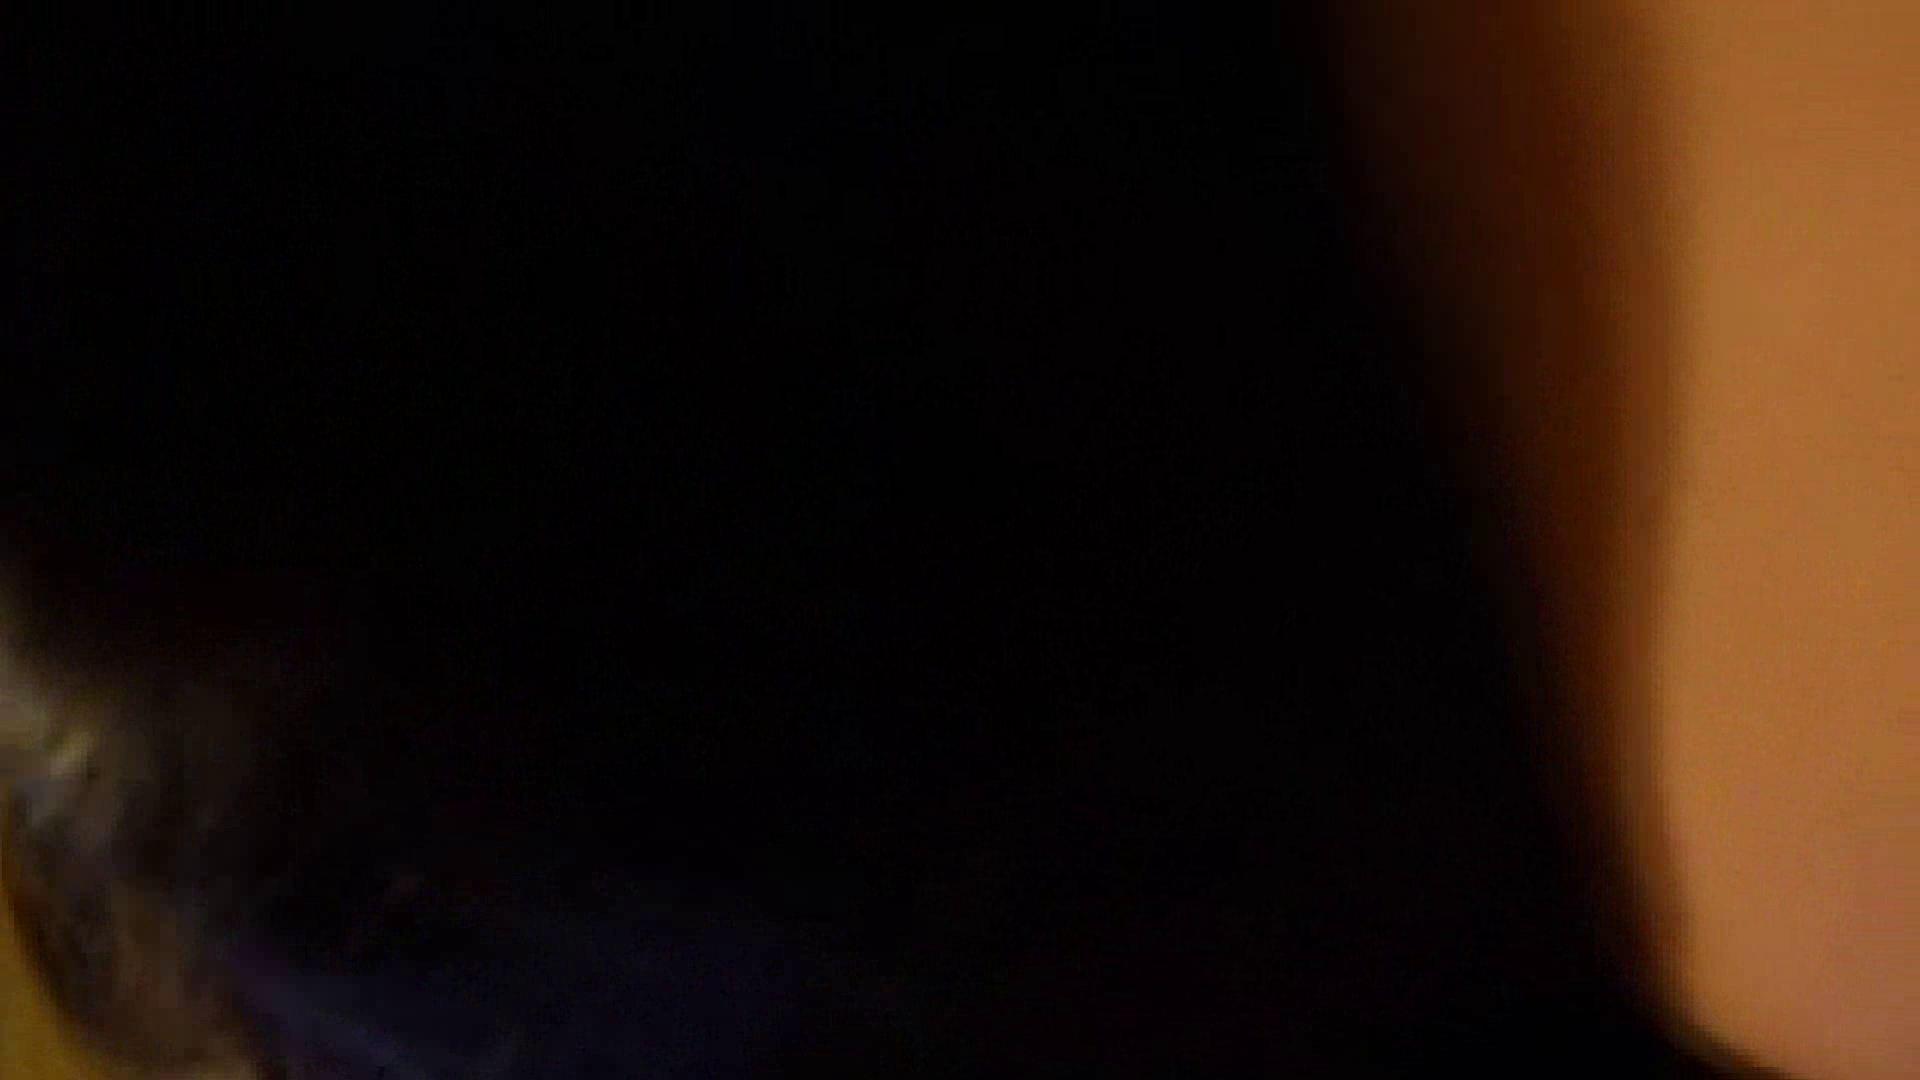 キレイに撮れるんです!No12!韓国流出編Vol.18 すけべなお姉さん すけべAV動画紹介 99画像 17